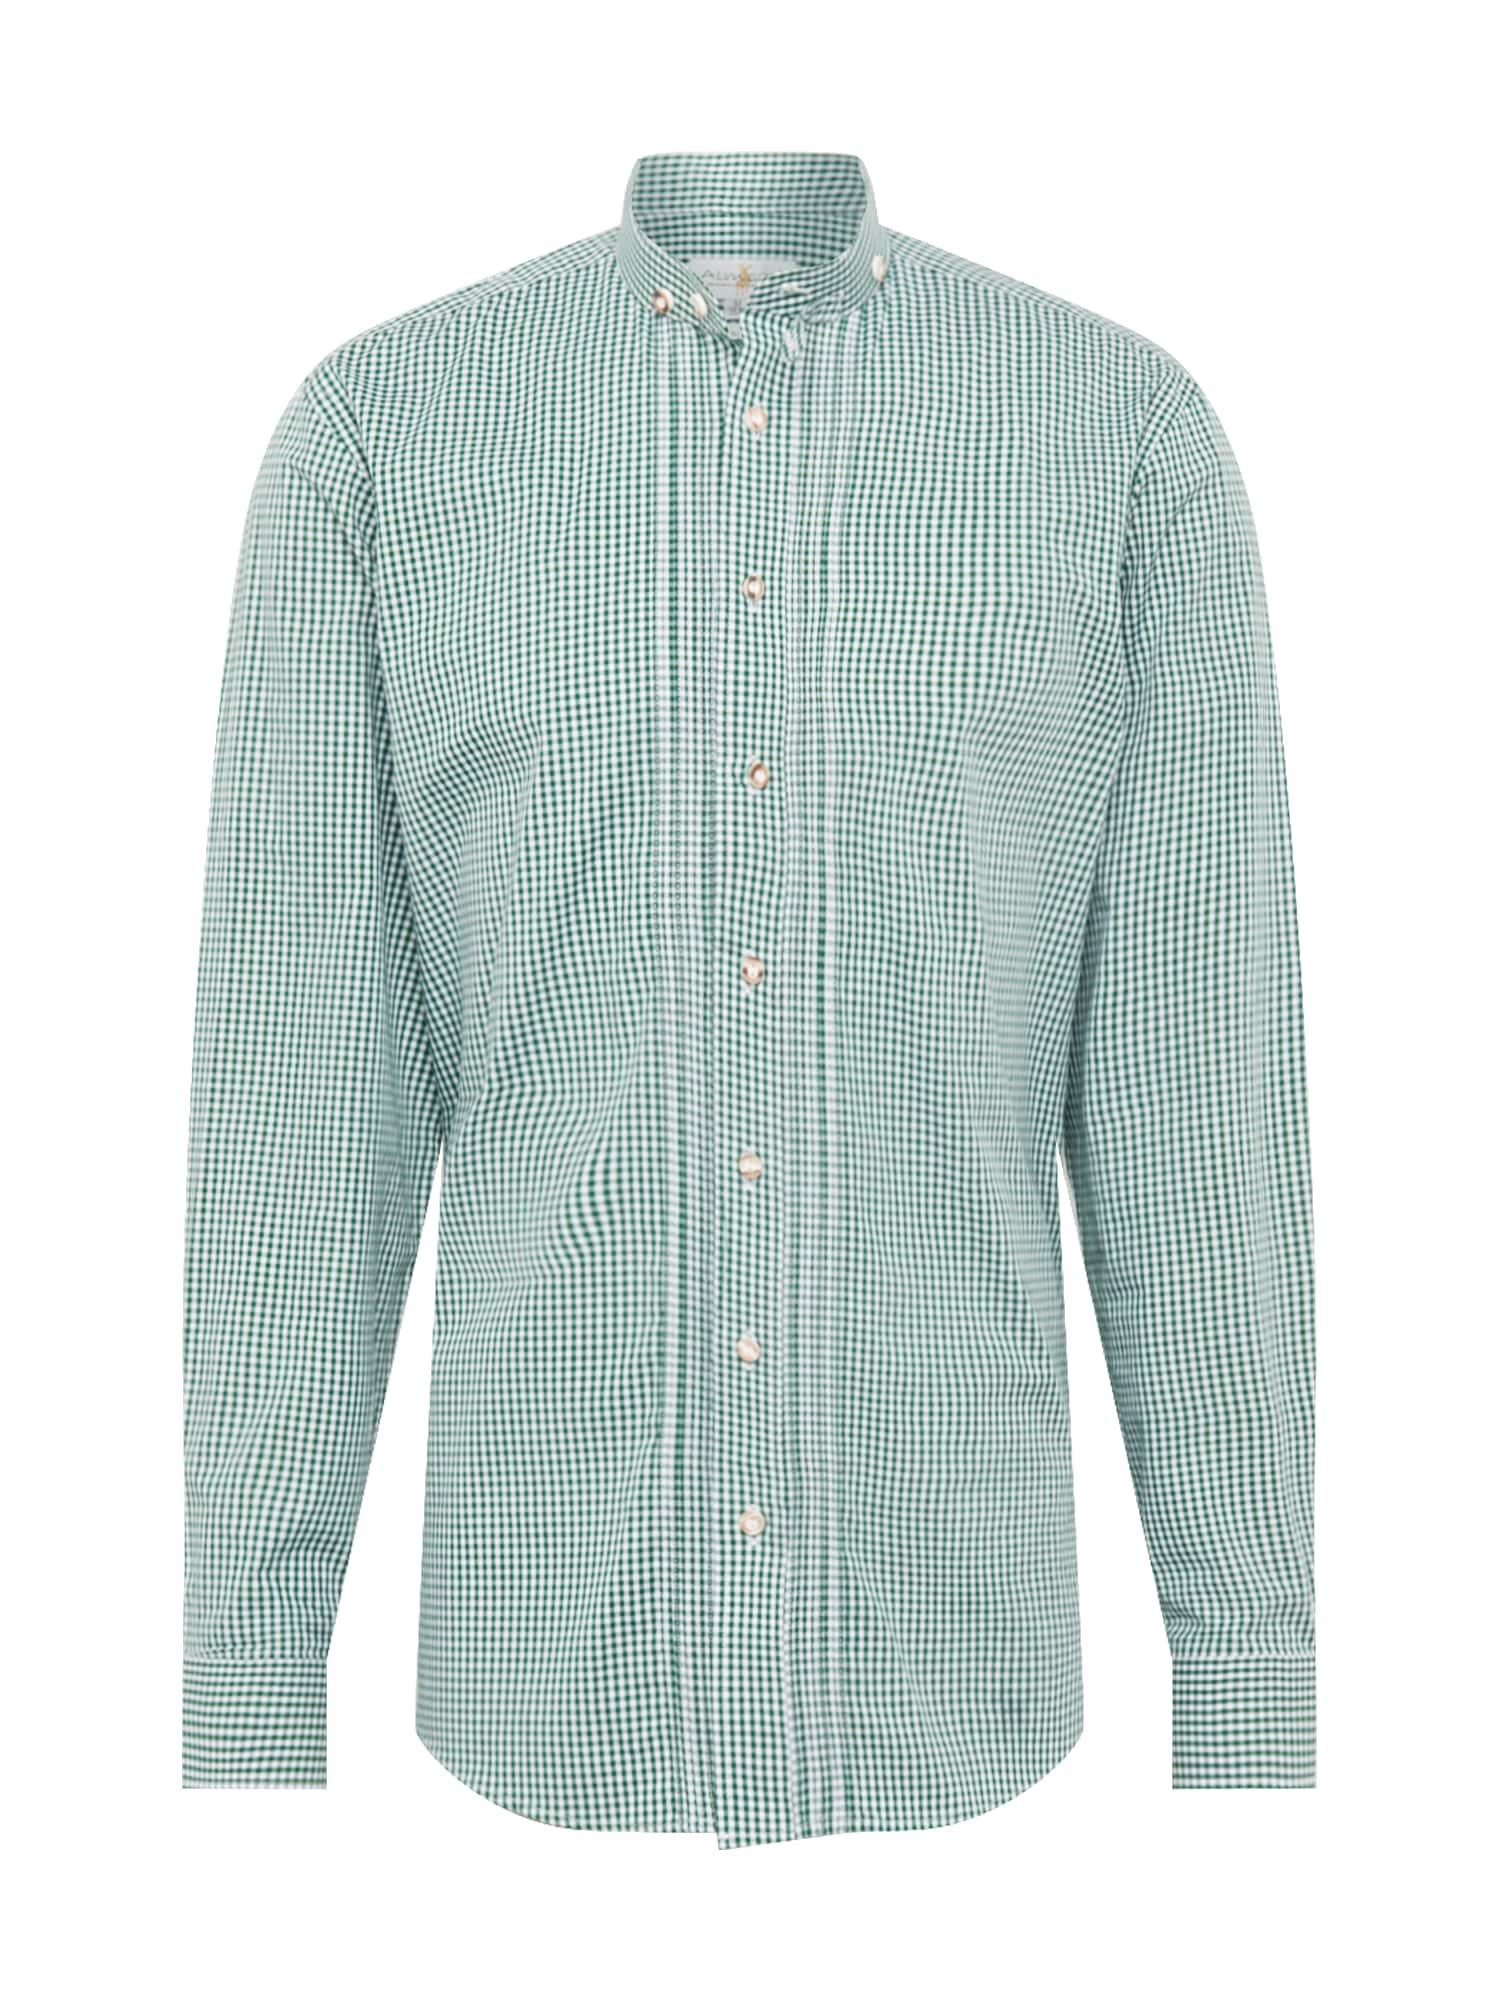 ALMSACH Marškiniai įdegio spalva / balta